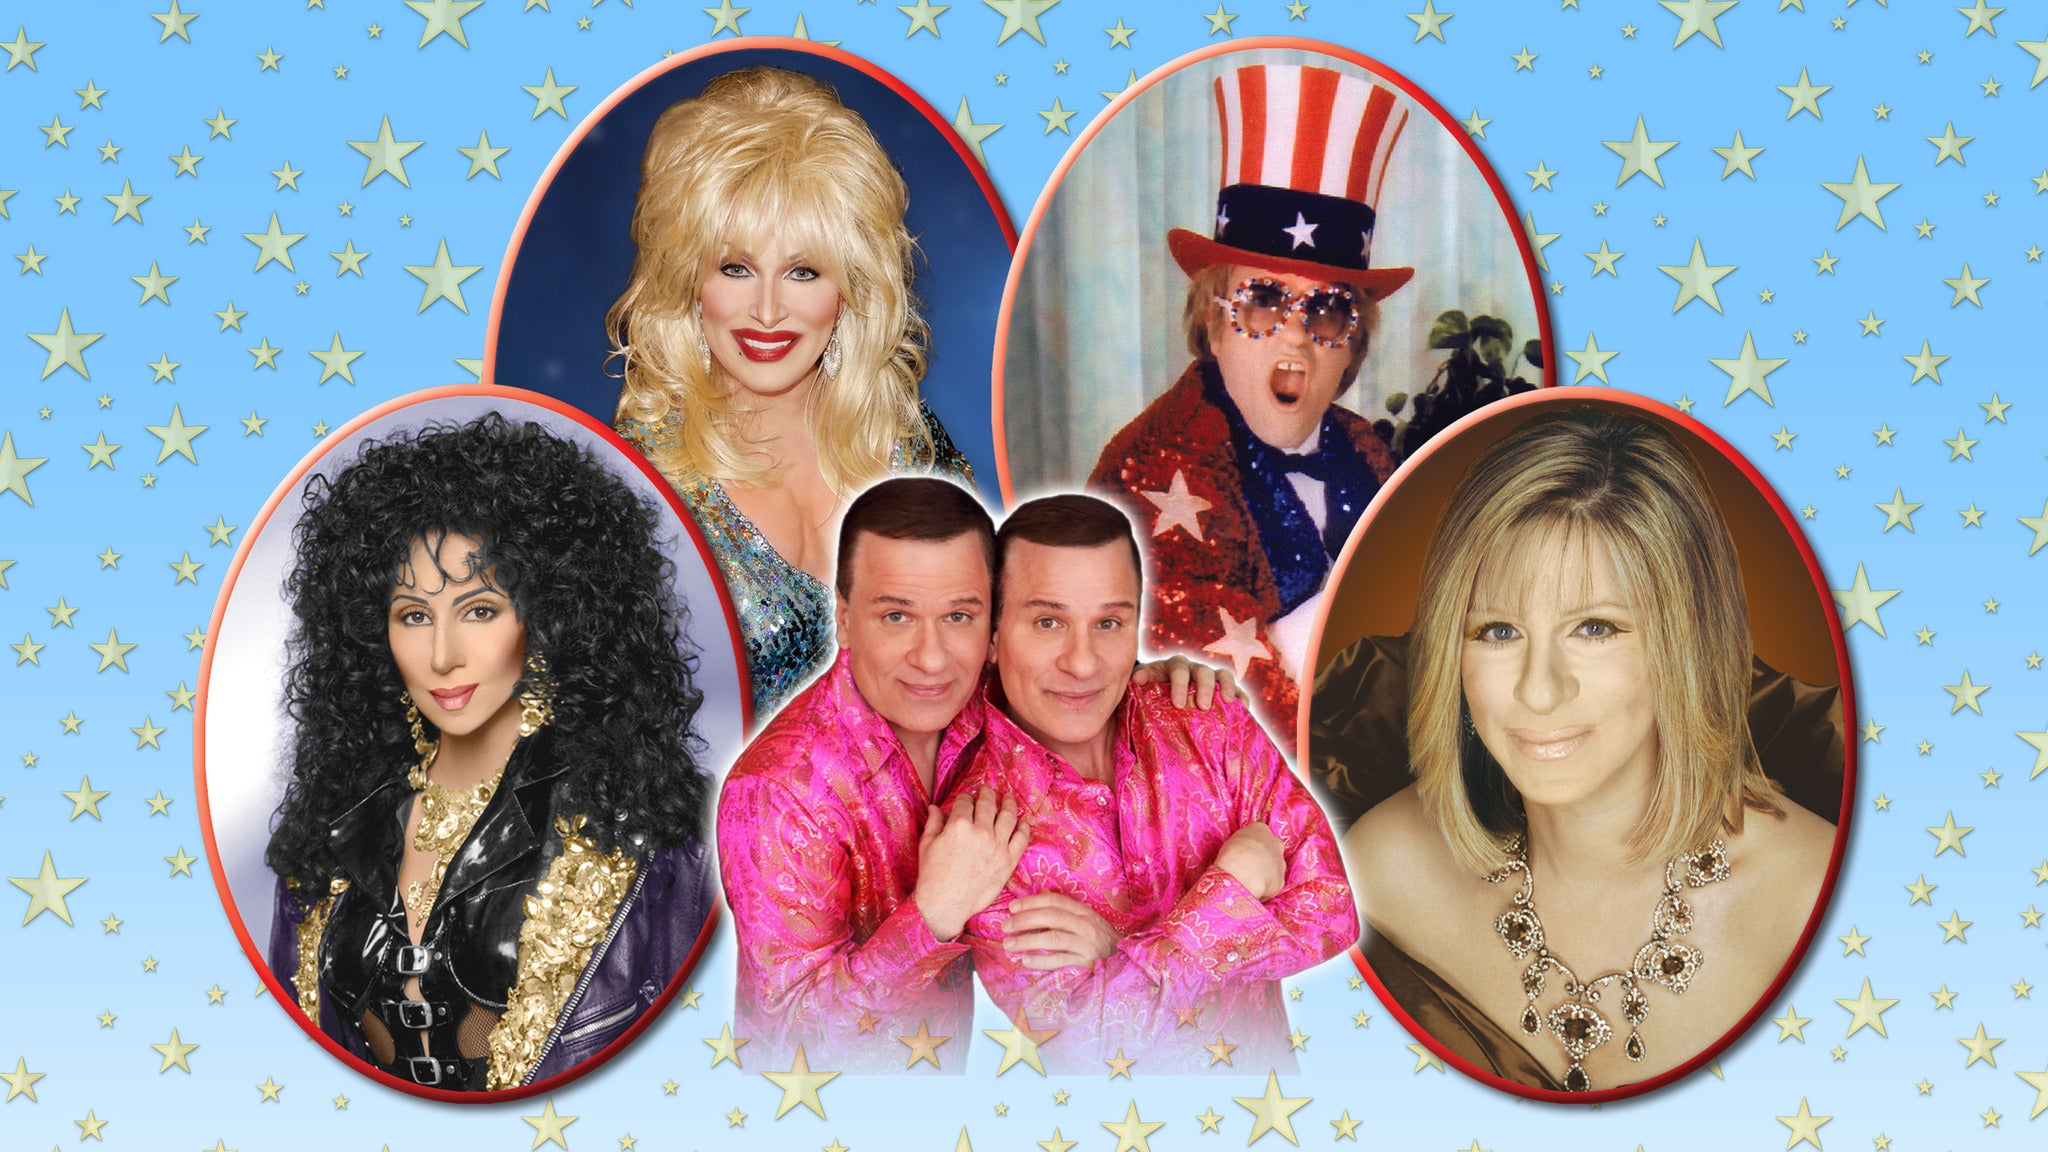 Cher, Elton, Dolly, Streisand, Vegas Edwards Twins - Port Huron, MI 48060